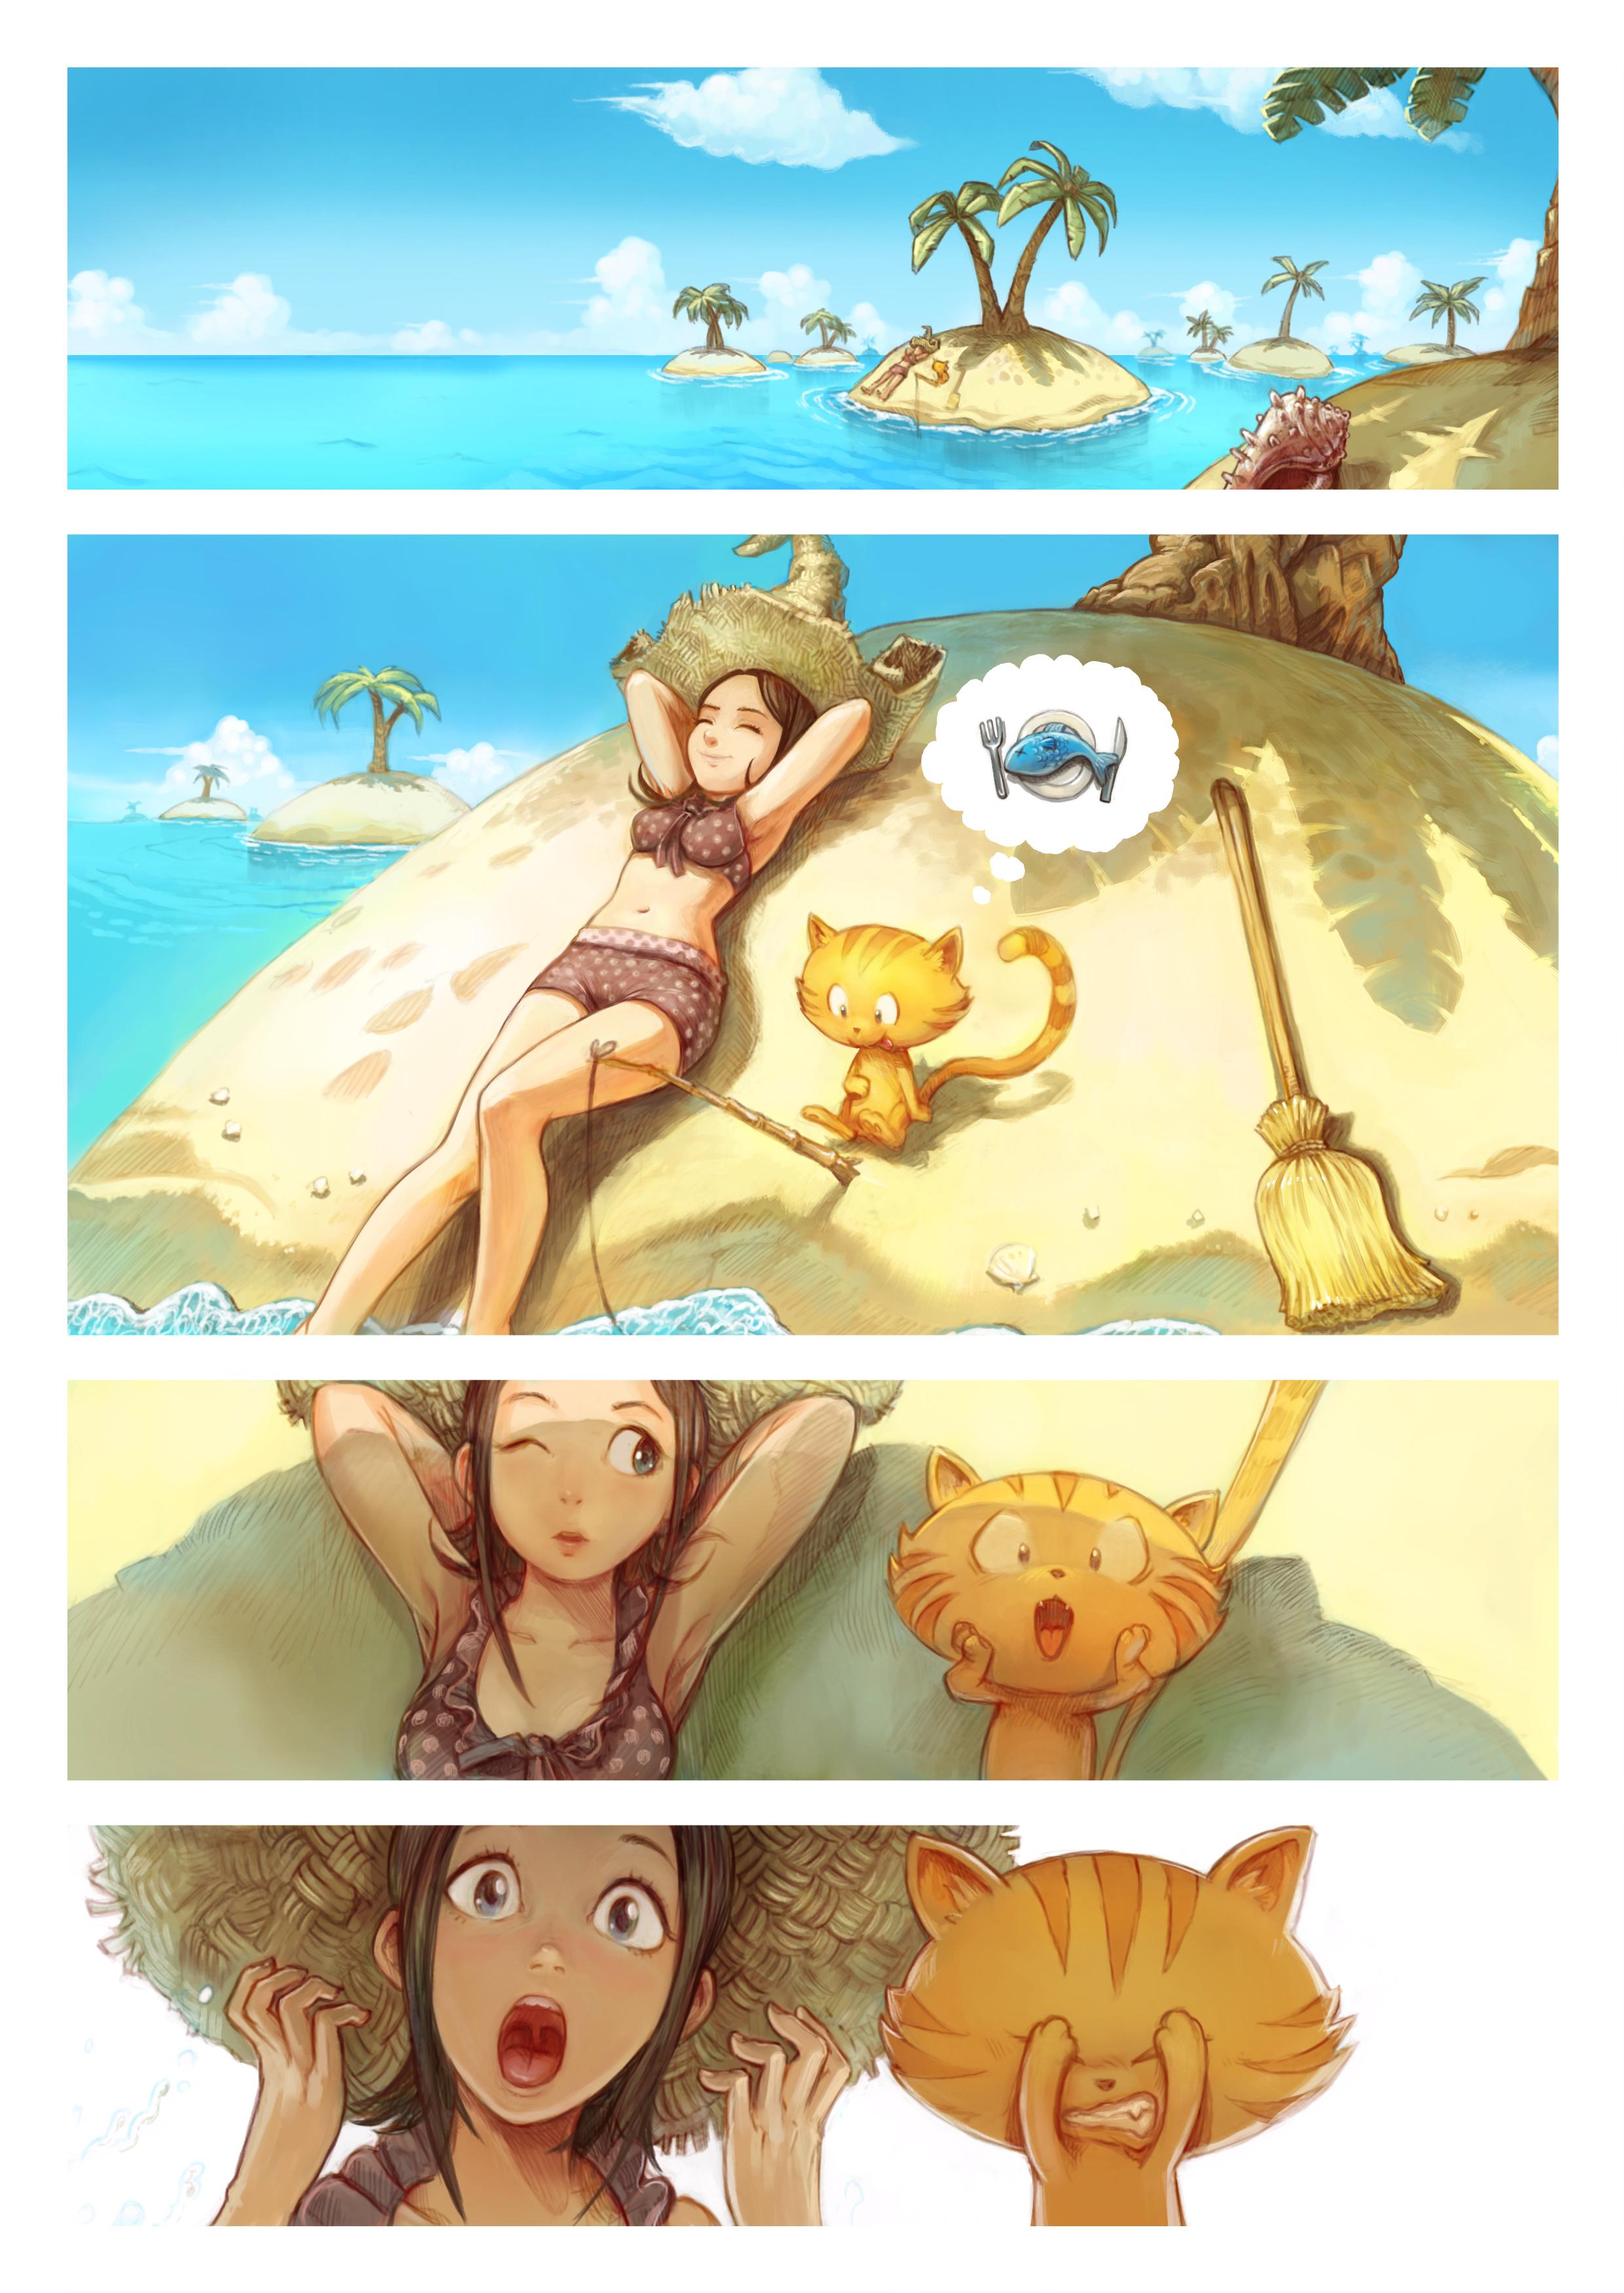 قسمت دهم: قسمت مخصوص تابستان, Page 1